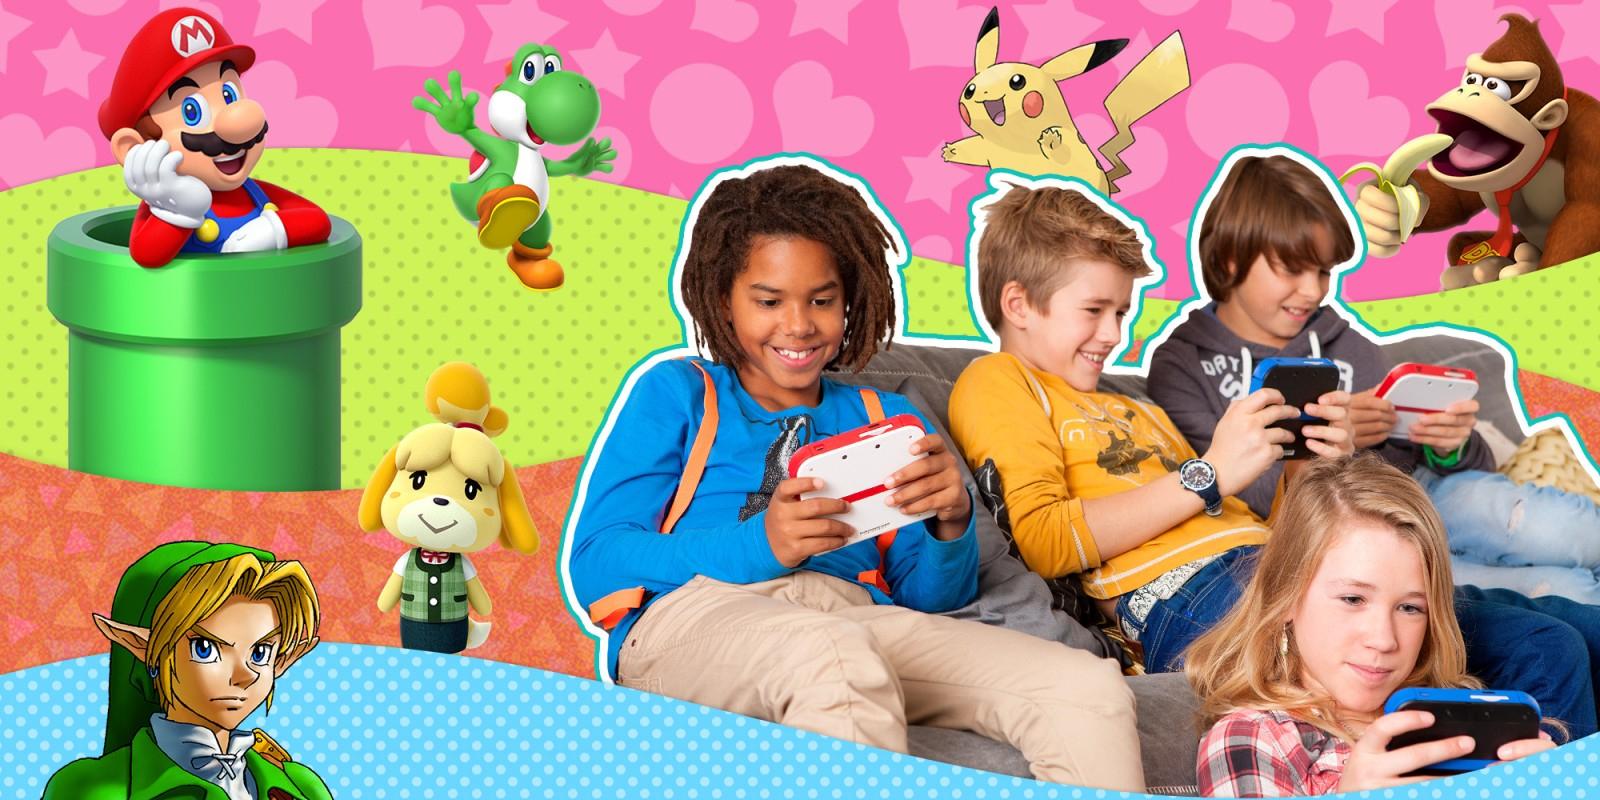 Jeux Nintendo Pour Les Enfants | Nintendo dedans Jeux 5 Ans Gratuit Français